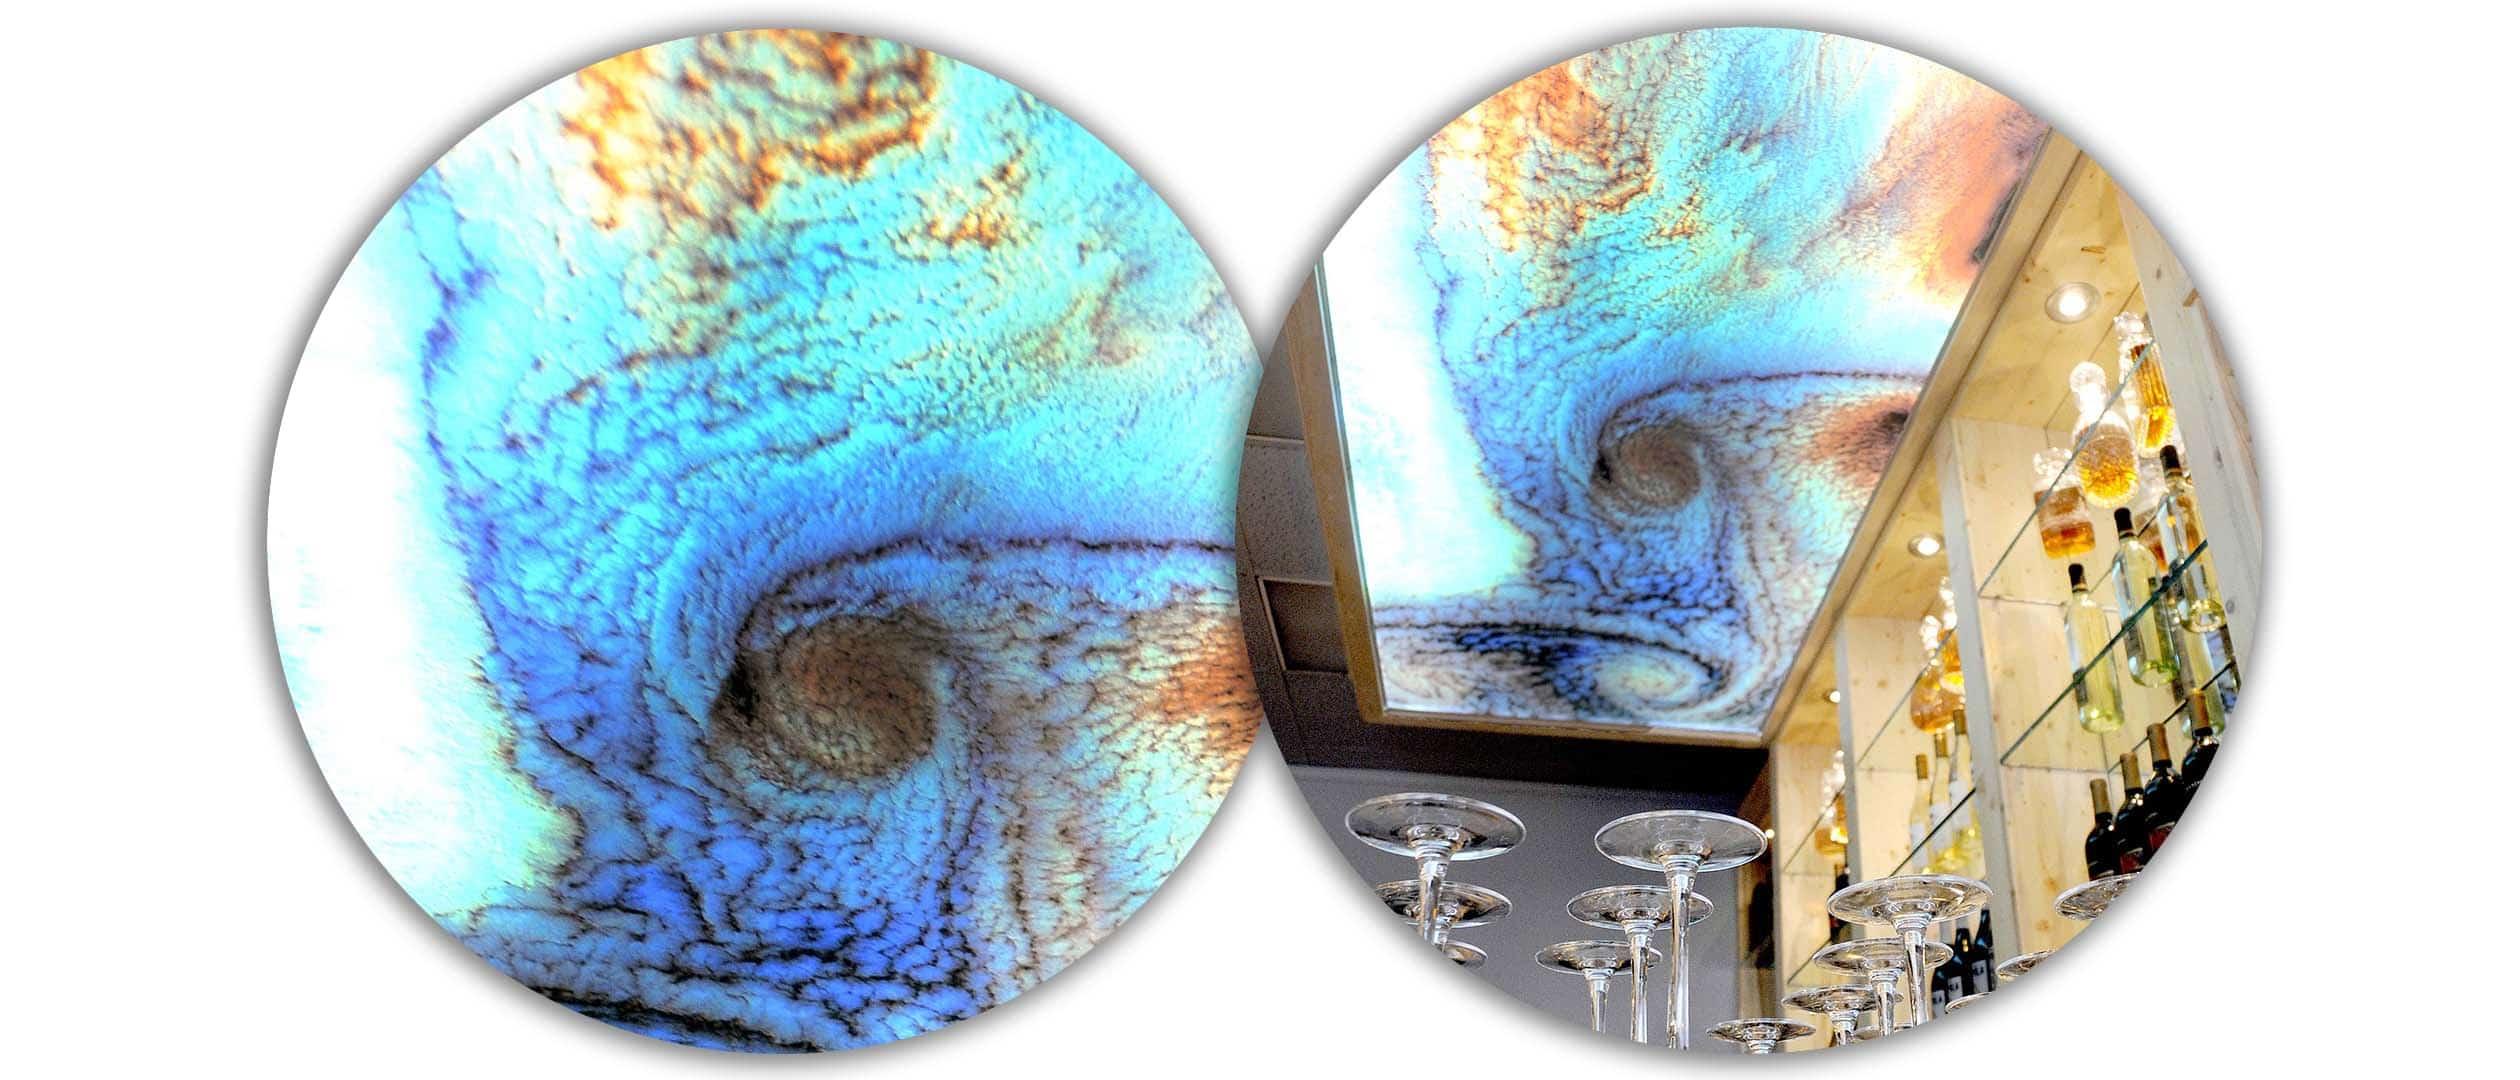 LumiSplash Formula: Earth 15 + LumiSplash Ceiling